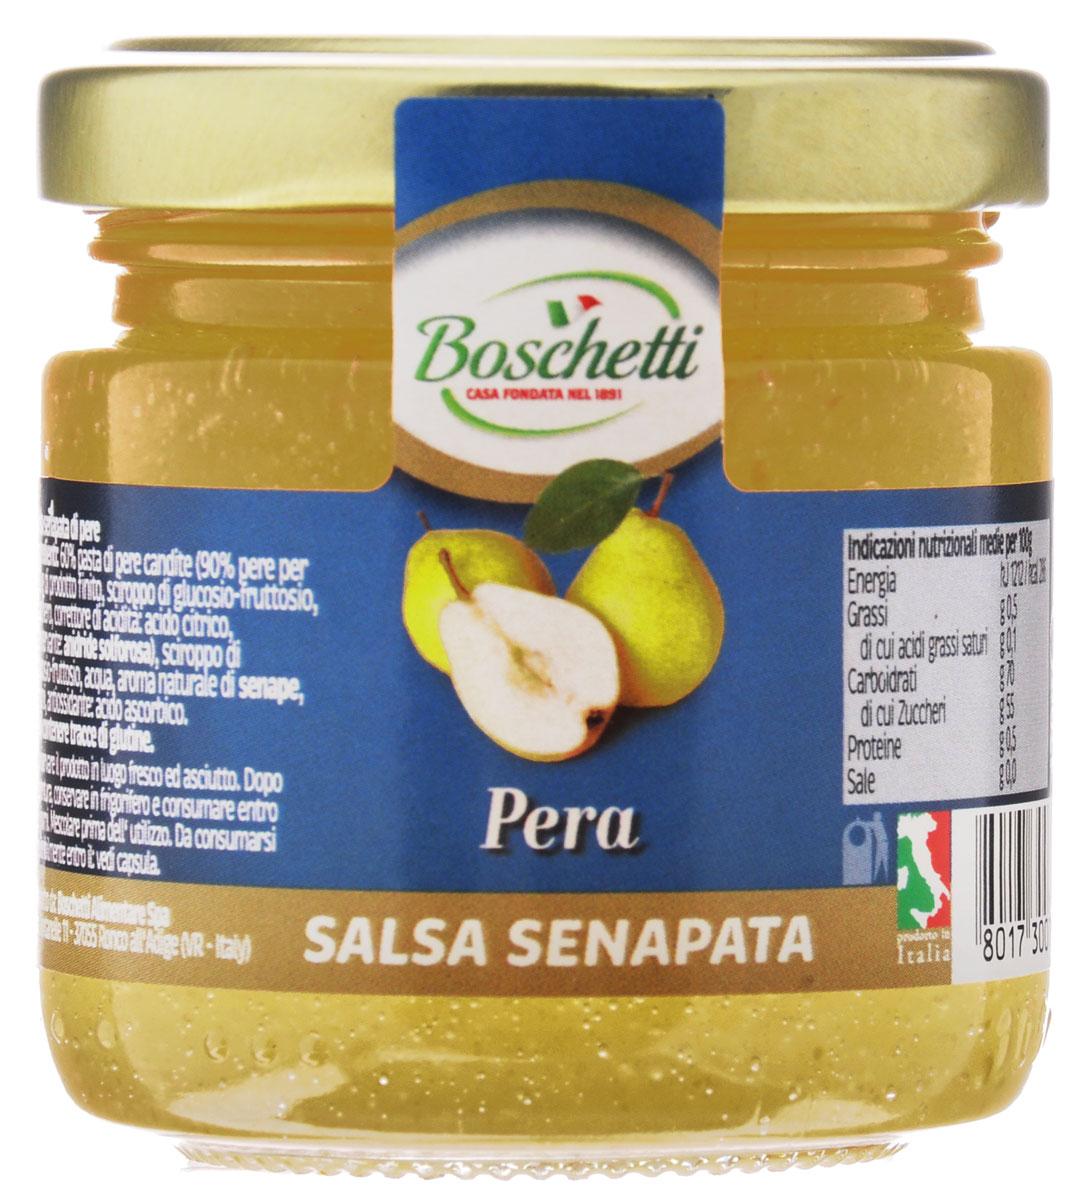 Boschetti Pera соус сальса, 120 гSP#6535AYГорчичный соус из груши Boschetti создан для тех, кто ценит уникальный вкус в приправах к любимым блюдам. Горчица и груша, подобранные кулинарами в нужных пропорциях, выдают оригинальную вкусовую гамму, в которой изысканность итальянской кухни проявляется в полной мере.Горчичный соус из груши является ведущим ингредиентом во многих итальянских рецептах. Но его часто используют в качестве дополнения к уже готовому блюду. Он превращает сыр или рыбу в изысканный деликатес. Если к вашему завтраку подается Boschetti, значит, вы любите свой быт во всех его проявлениях. Утреннее чаепитие с соусом Boschetti станет настоящим праздником.Состав: паста грушевая с сахаром 60% (90% груш на 100 г готового продукта: сироп глюкозы-фруктозы, сахар, регулятор кислотности (лимонная кислота), консервант (ангидрид), сироп глюкозы-фруктозы, вода, натуральный ароматизатор горчица, ароматизаторы,. Может содержать клейковину.